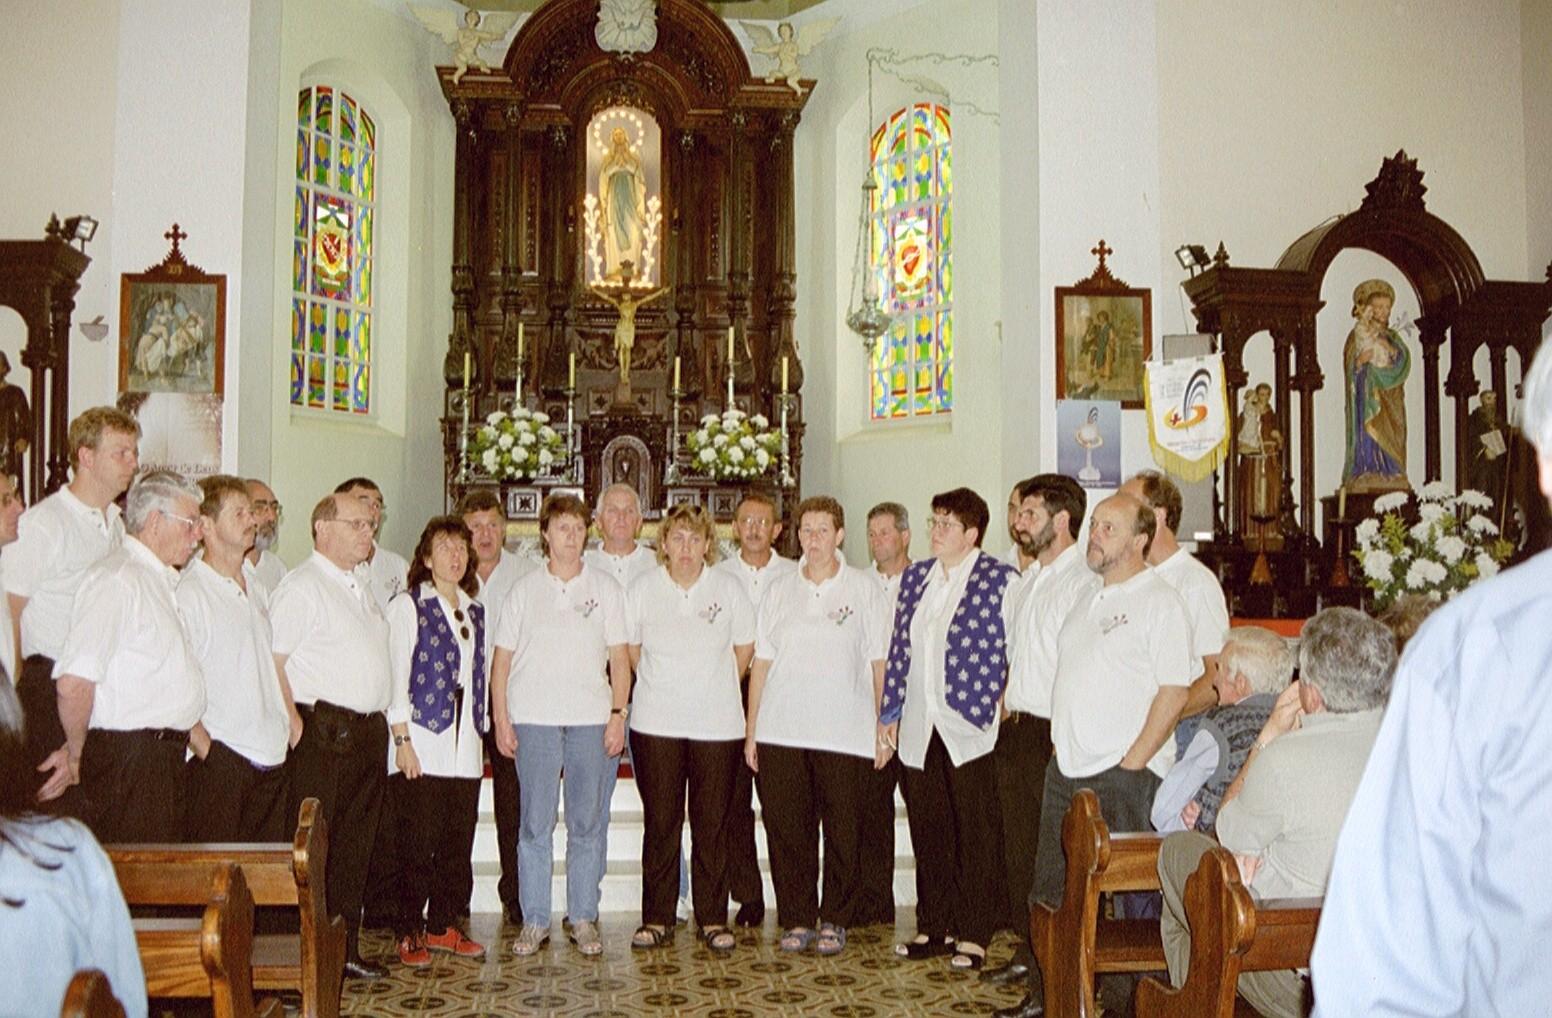 Am Festgottesdienst in der Kirche von Helvetia